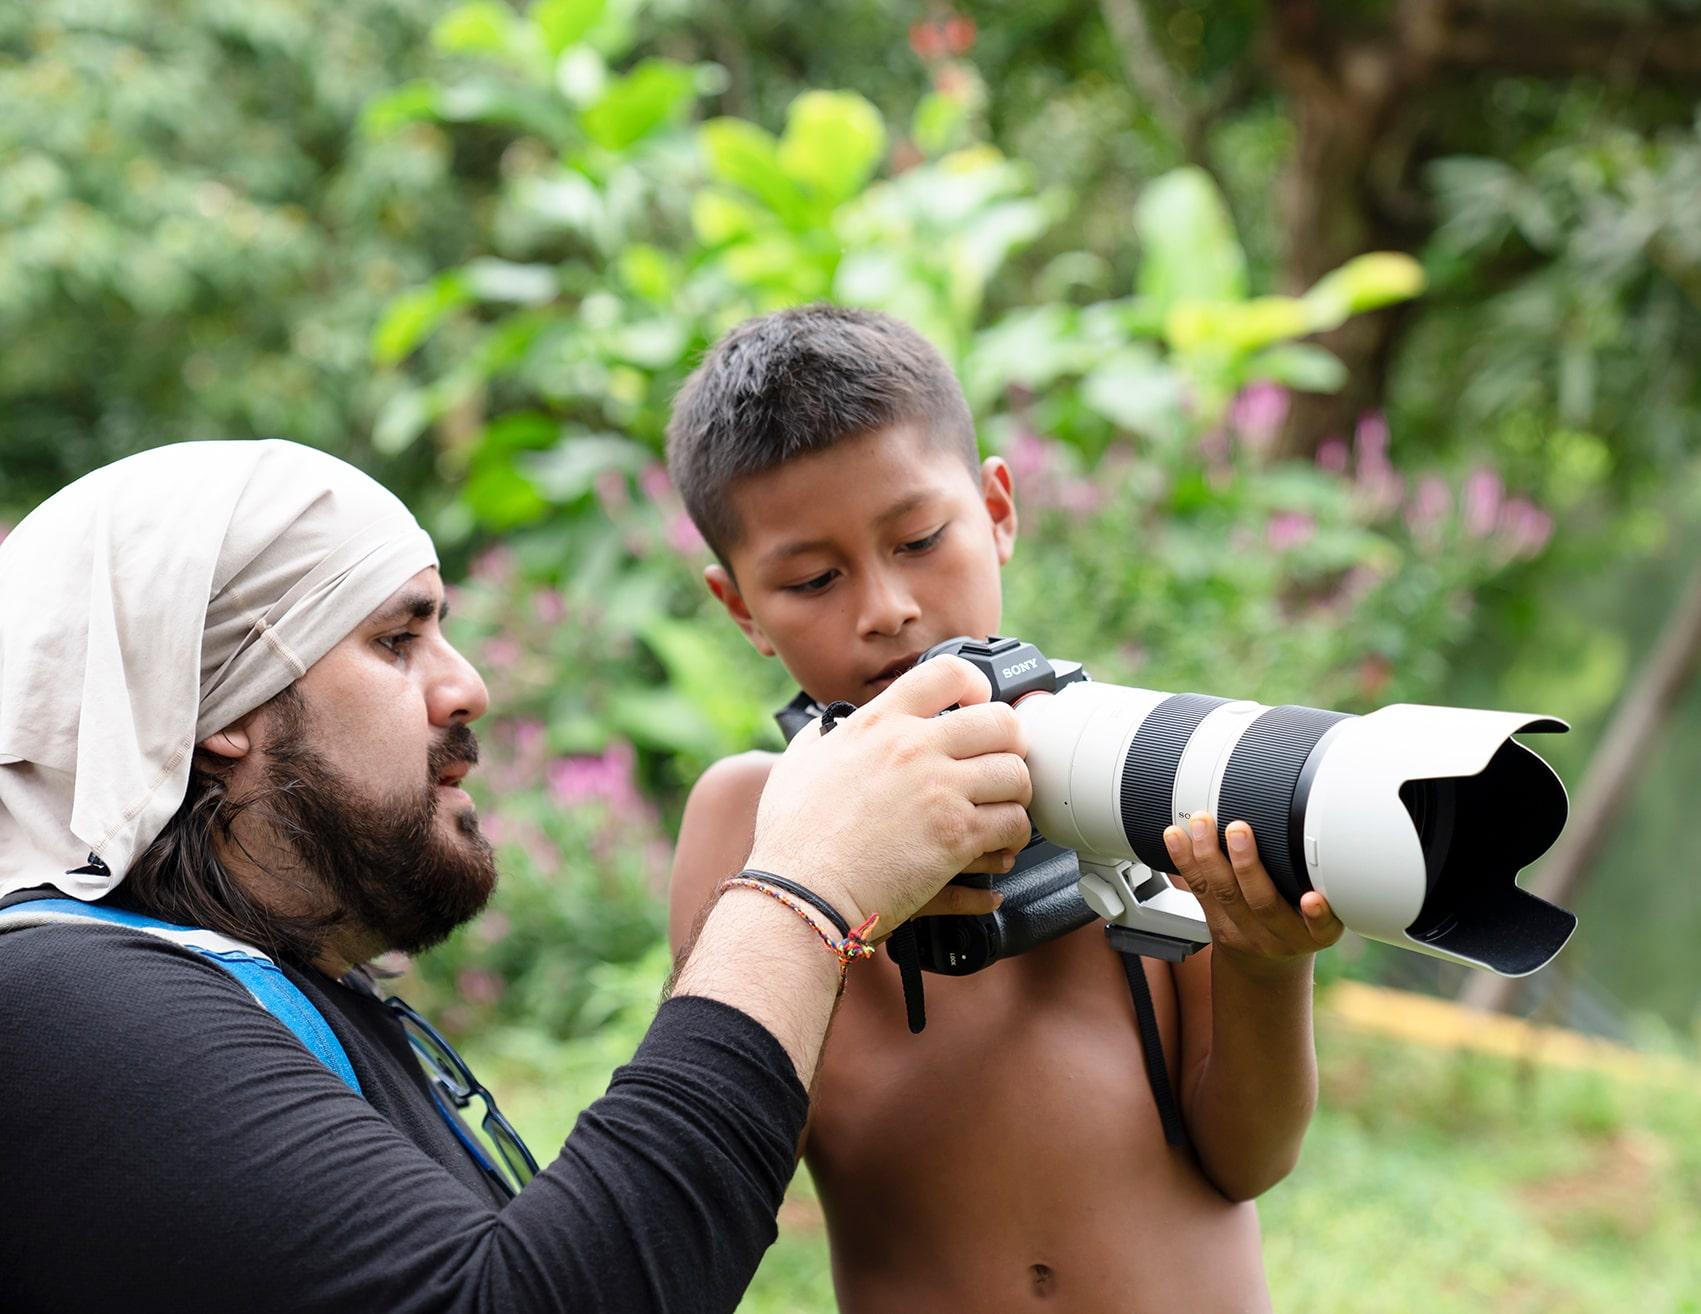 Fotografía documental a través de ONG por Pich Urdaneta